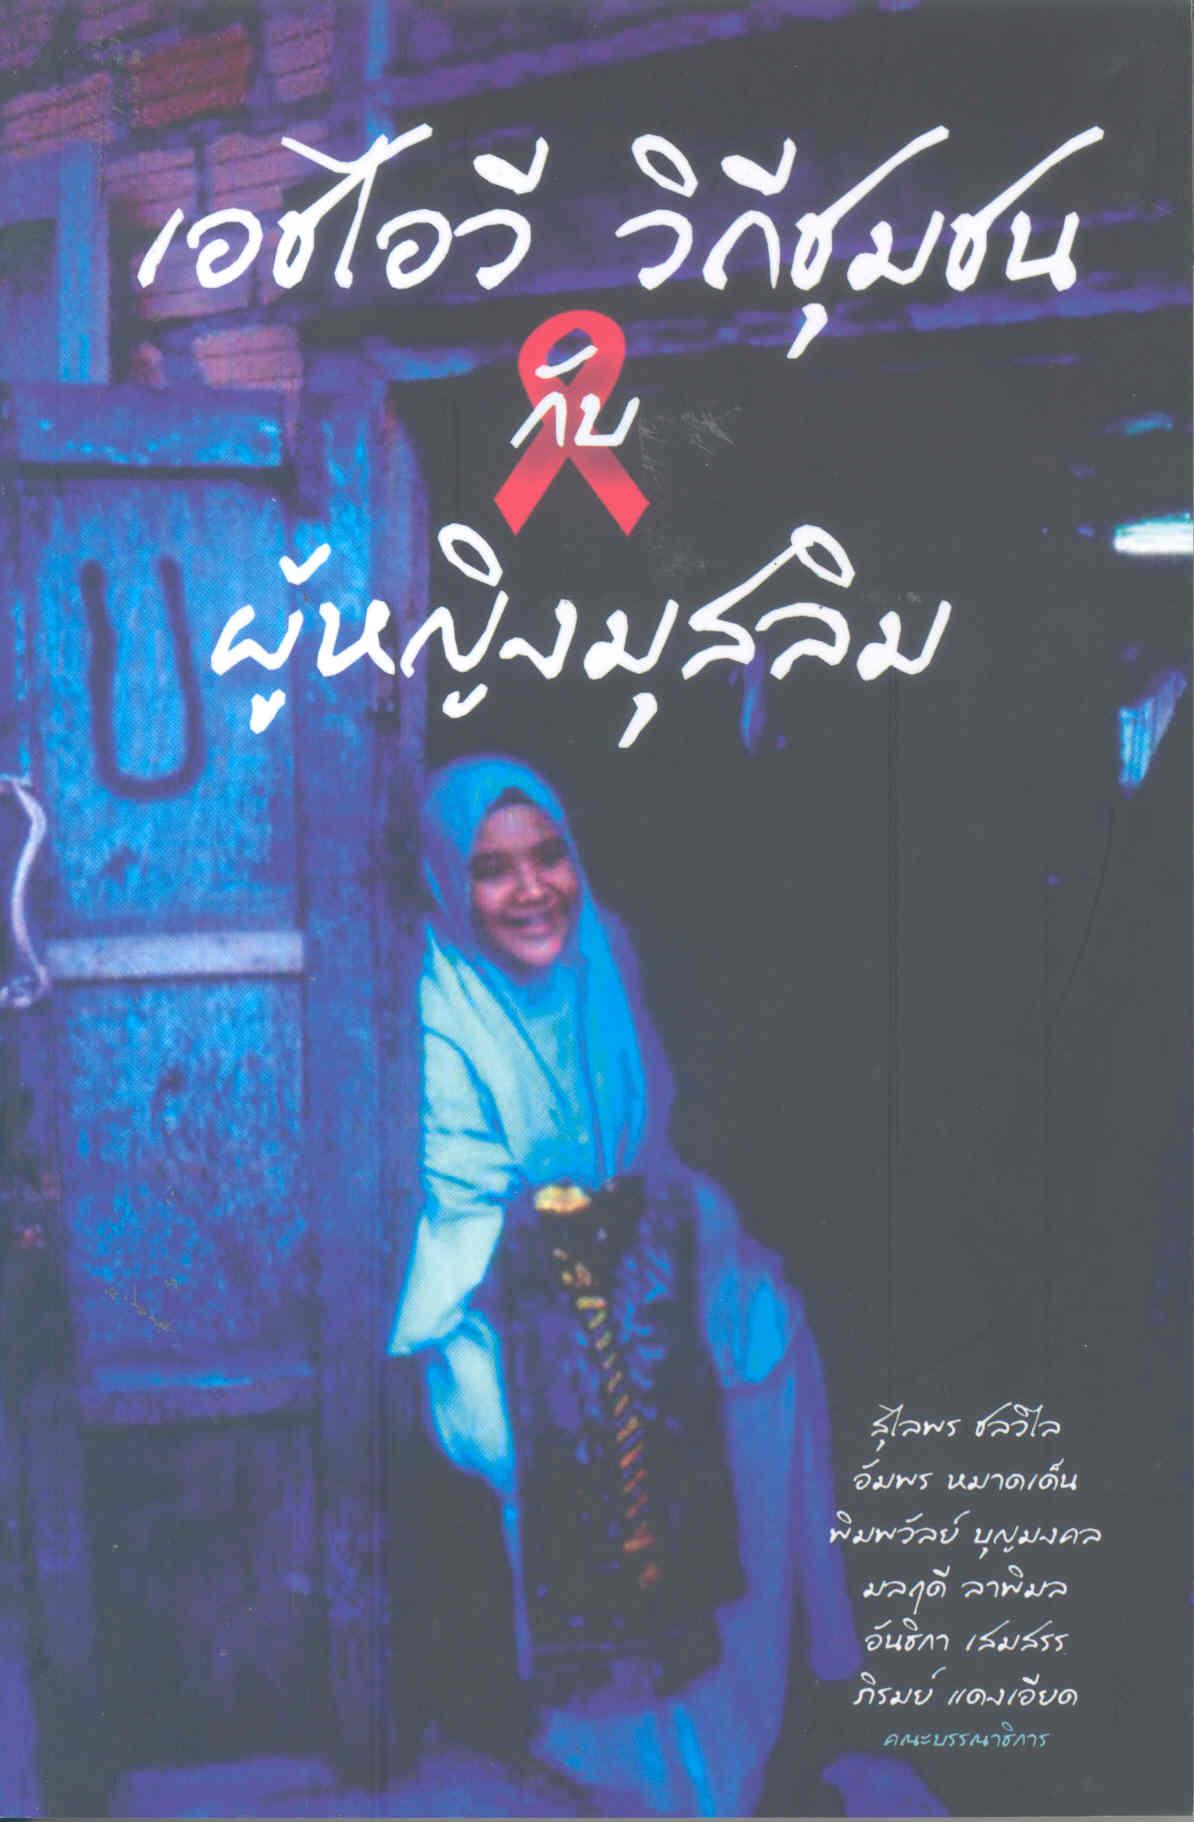 เอชไอวี วิถีชุมชน กับ ผู้หญิงมุสลิม /สุไลพร ชลวิไล ... [และคนอื่นๆ], บรรณาธิการ||เอดส์กับสังคมมุสลิม